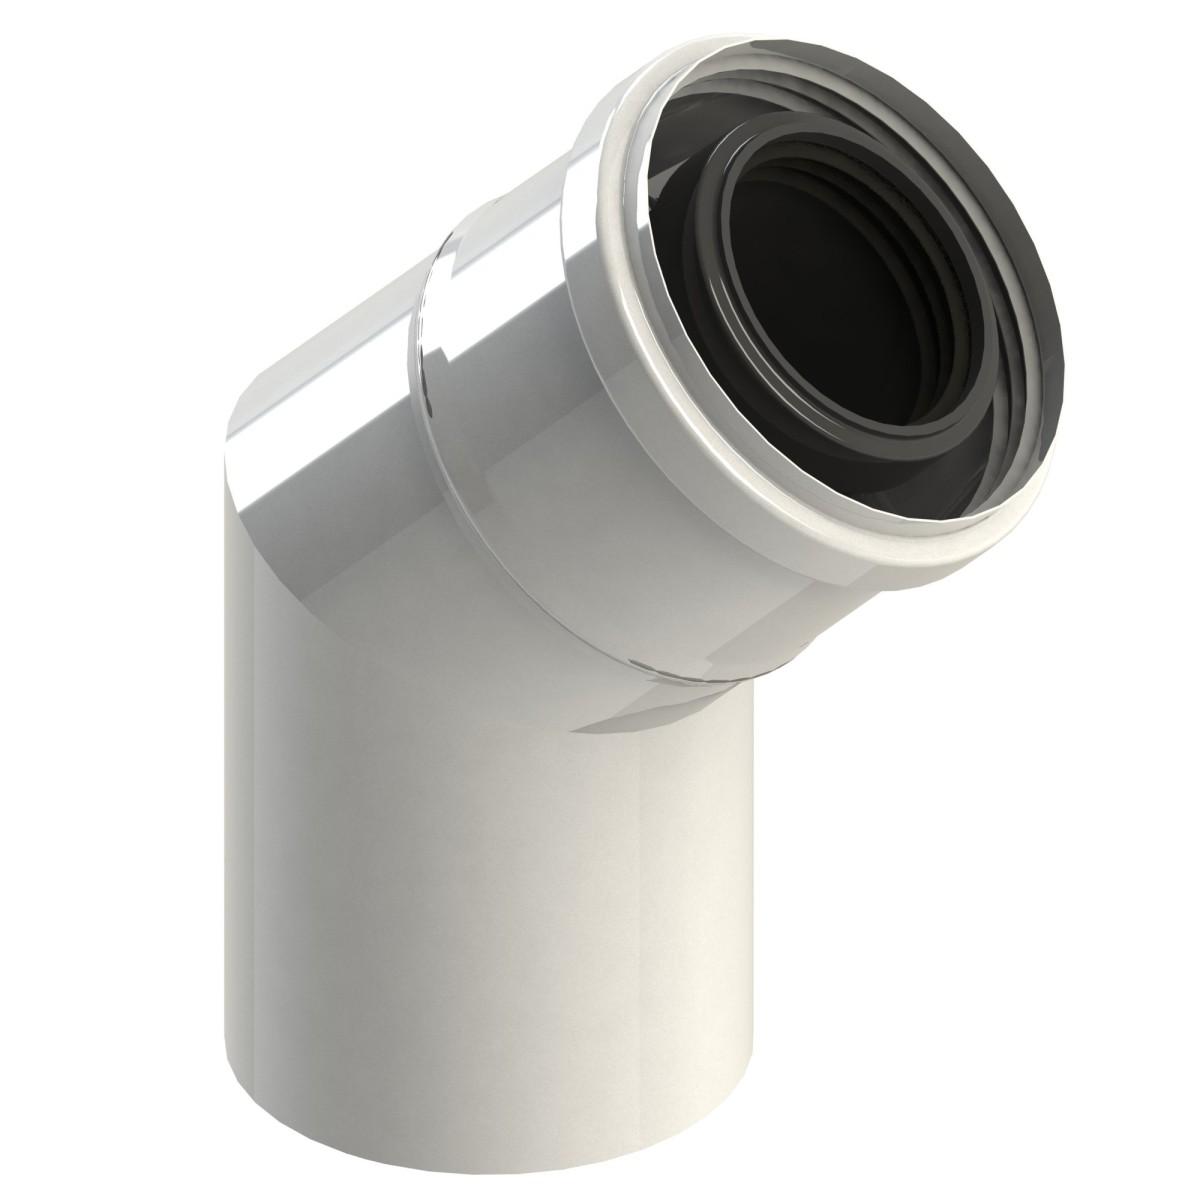 Kolano spalinowe 45° dwuścienne białe, kolano kominowe